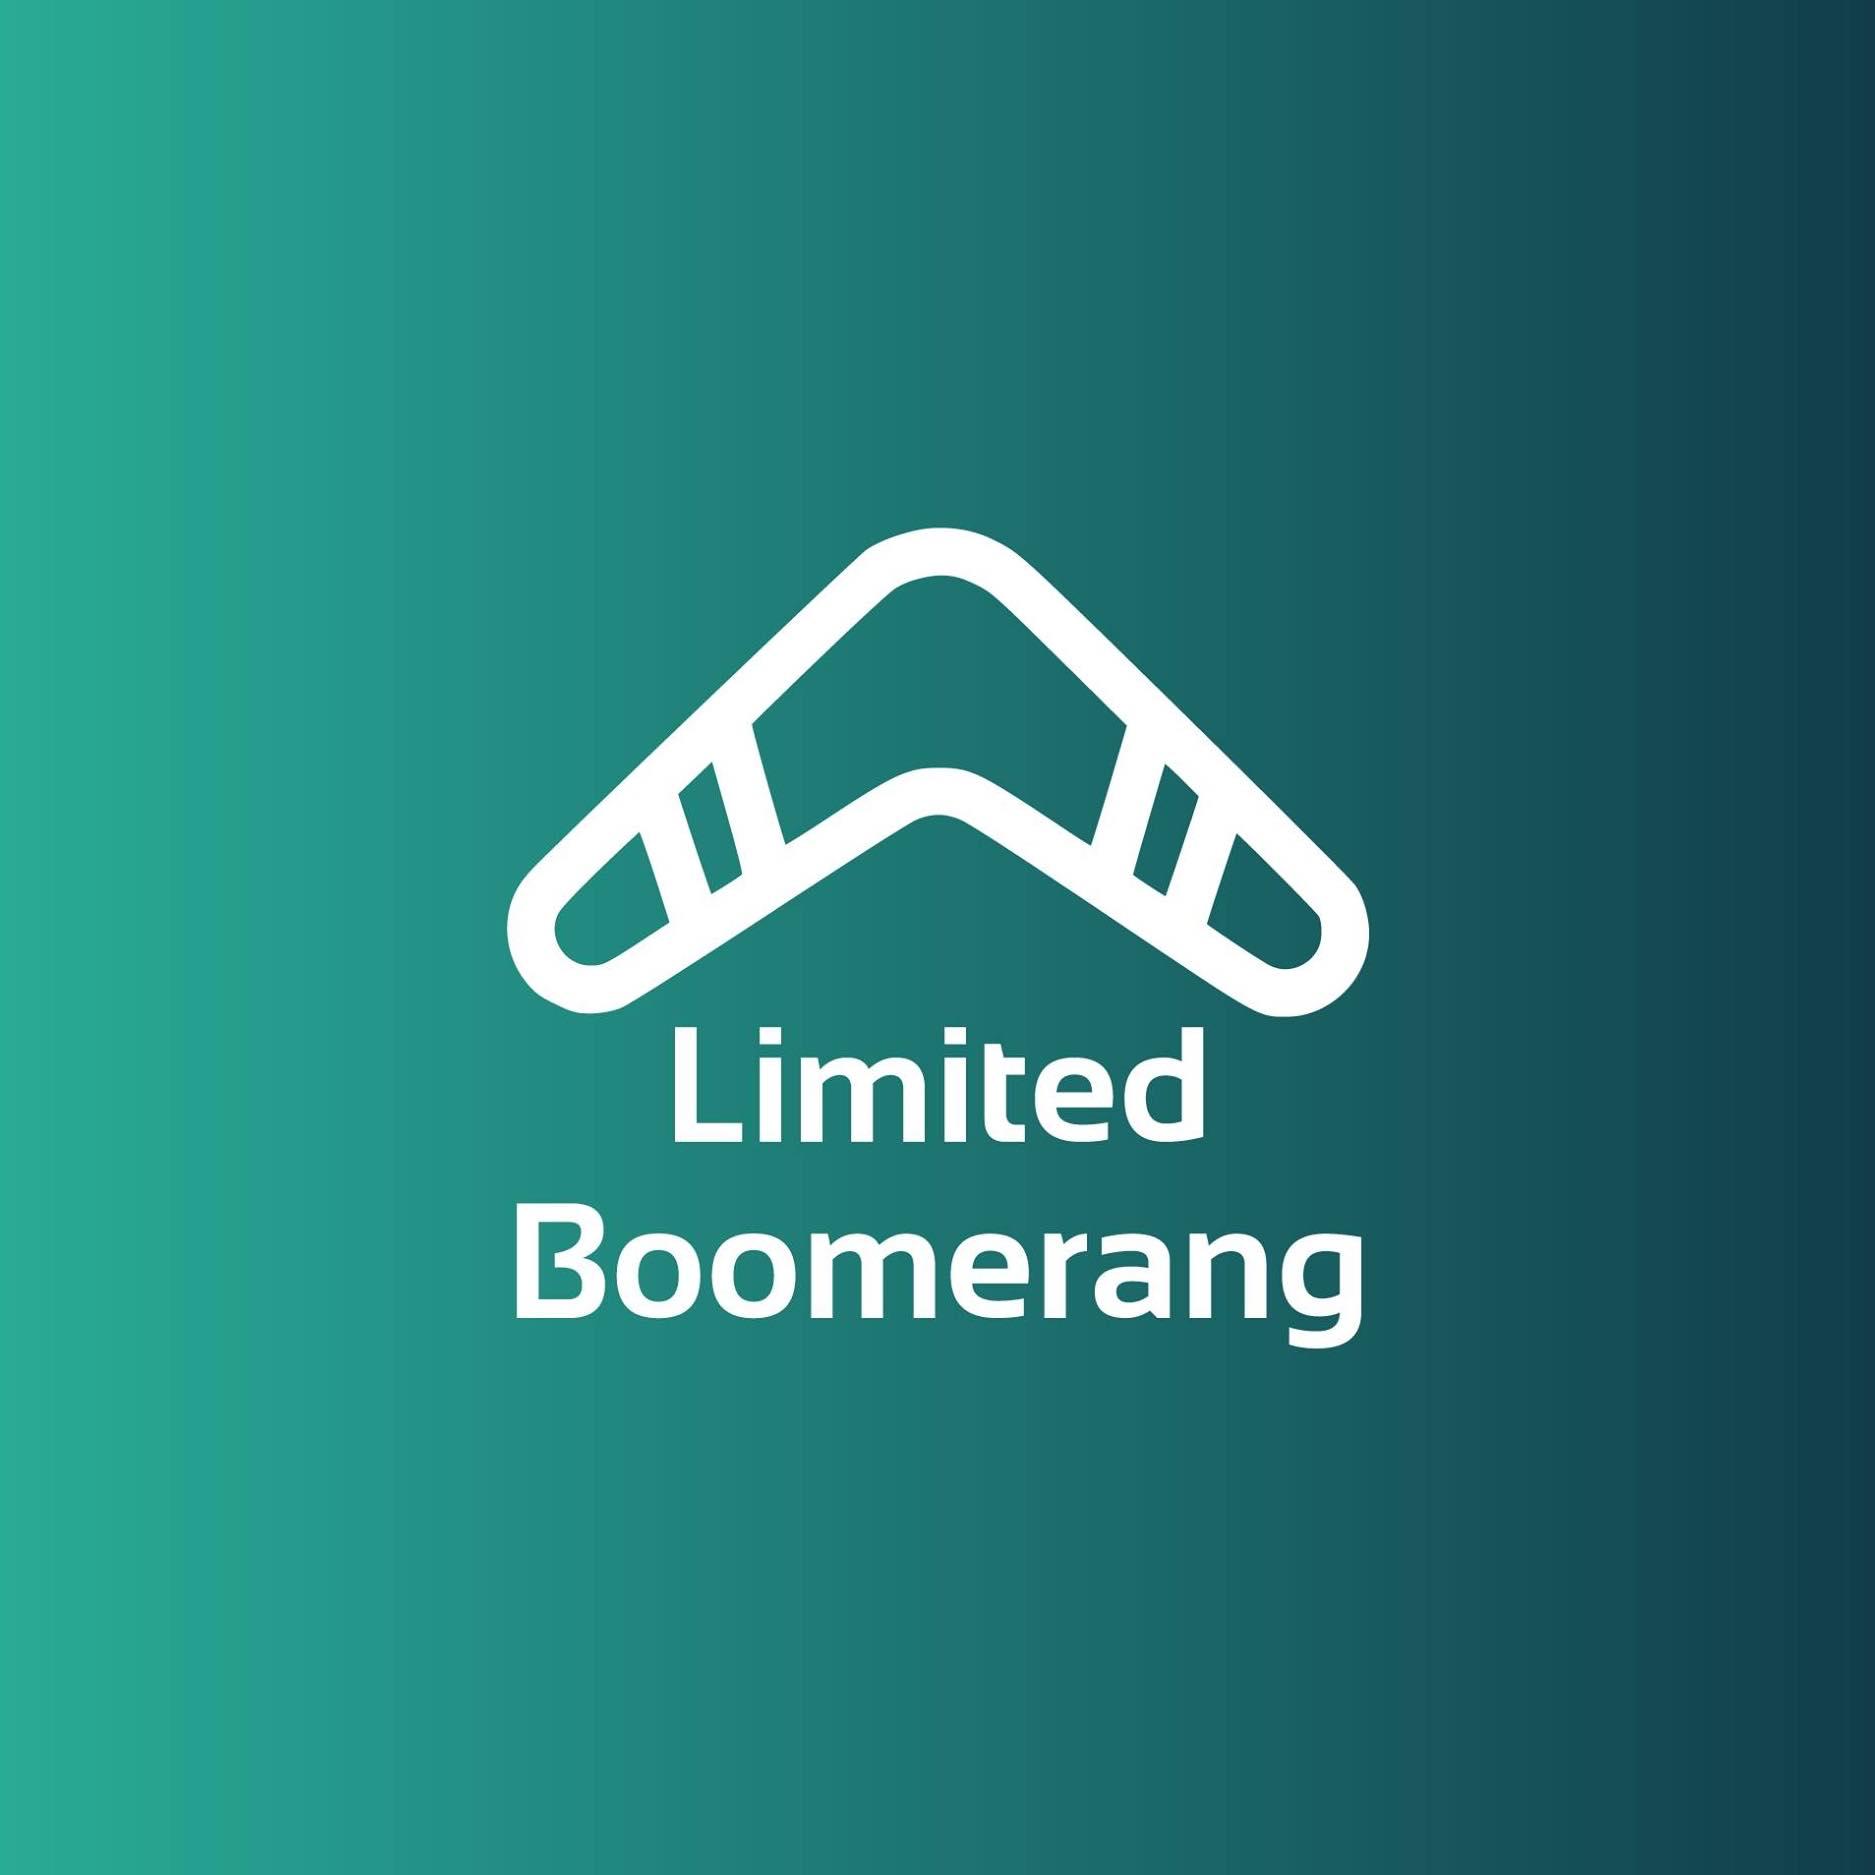 logo limited boomerang